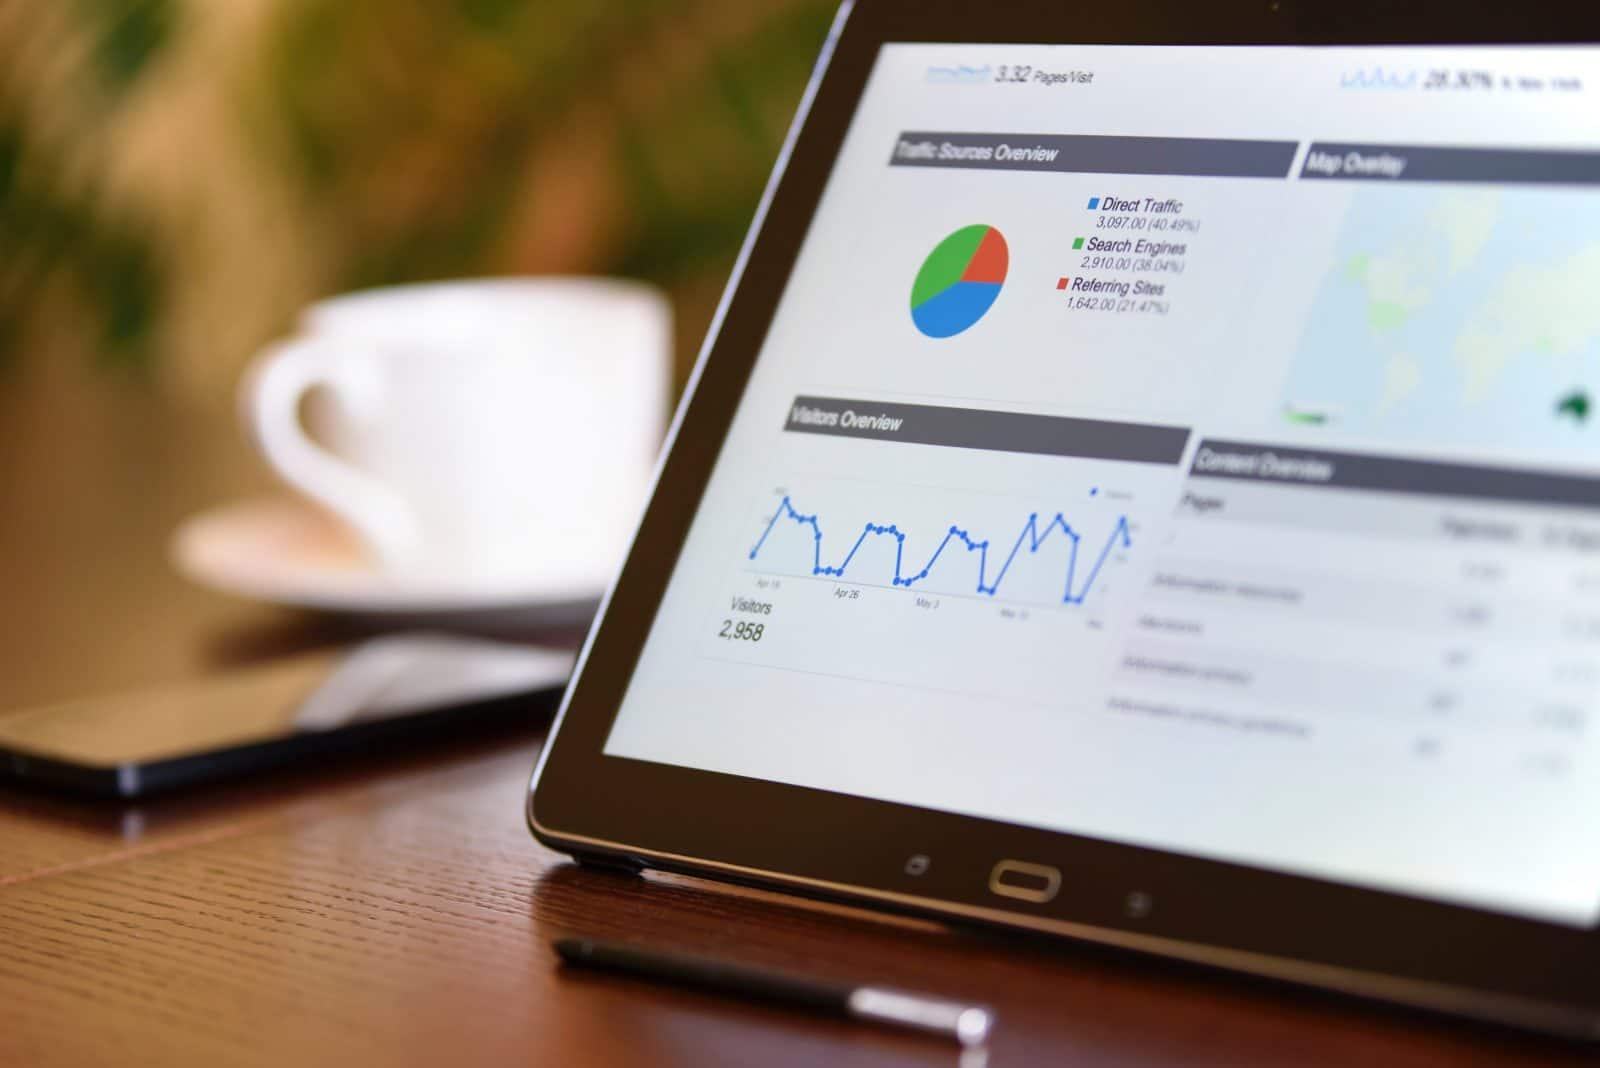 SEO cos'è e come ottimizzare il proprio sito web seo cos'è e come ottimizzare il proprio sito web - SEO cos   e come ottimizzare il proprio sito web - SEO cos'è e come ottimizzare il proprio sito web